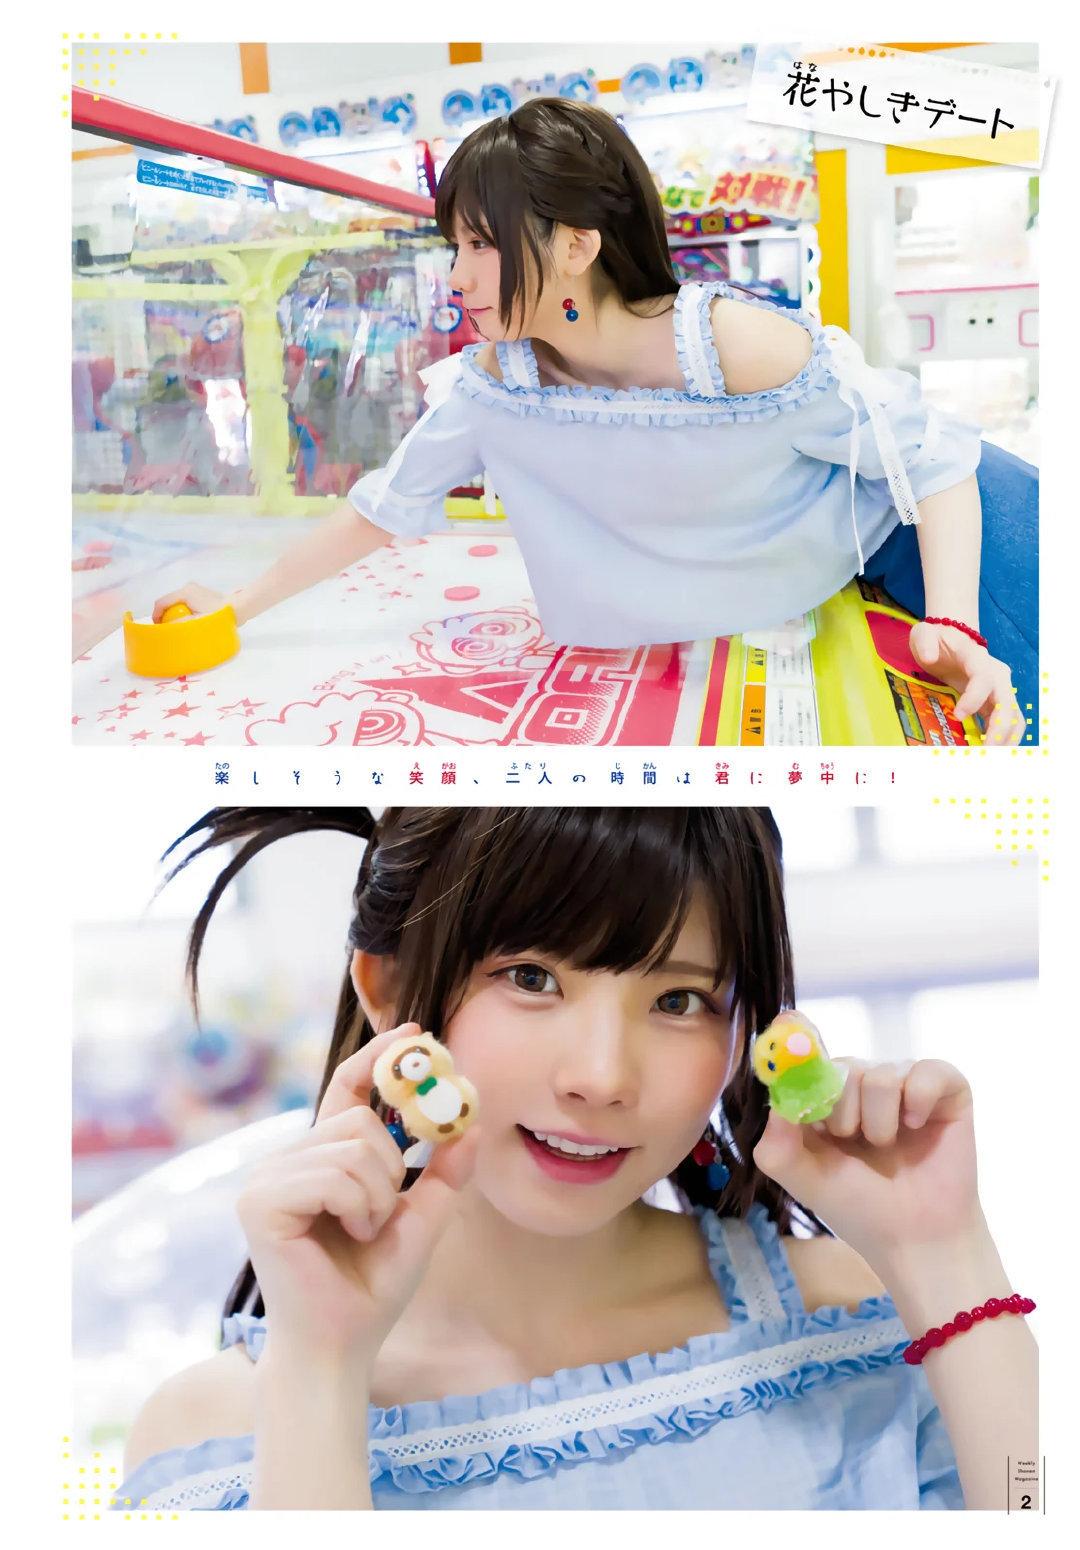 图片[3]-【Cosplay】人气动漫《租借女友》水原千鹤COS作品欣赏-Anime漫趣社